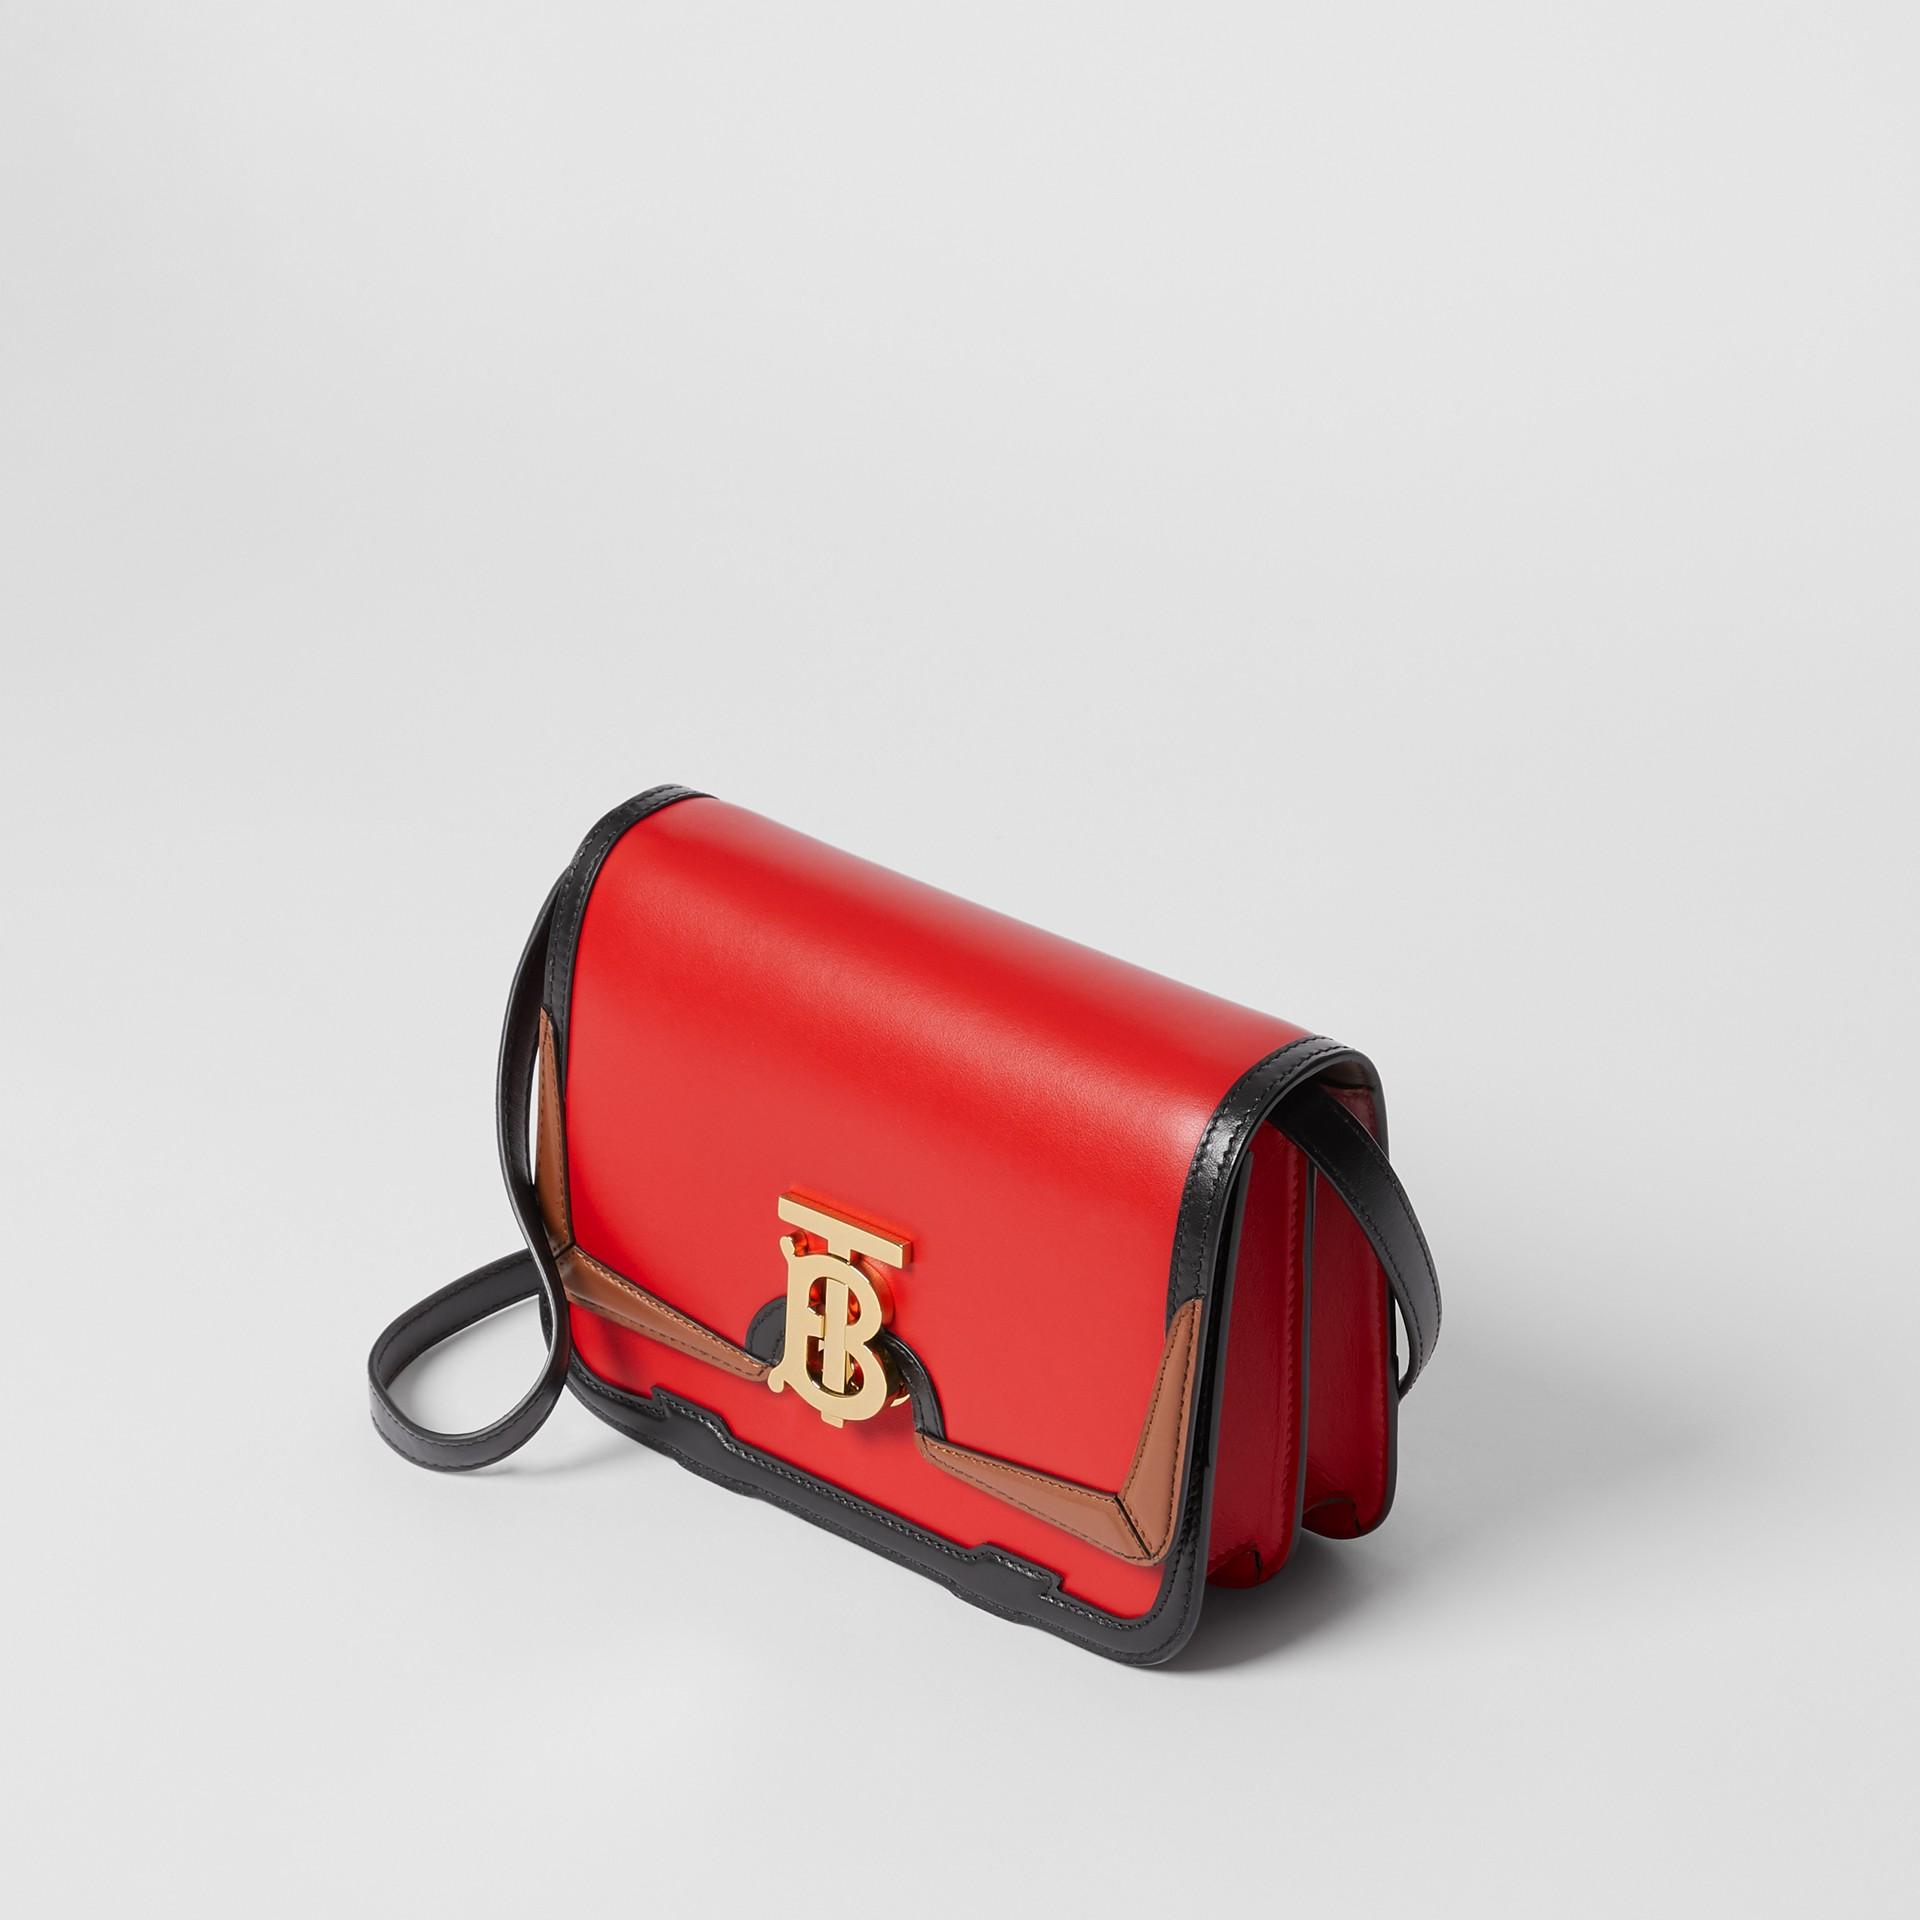 Petit sacTB en cuir avec appliqué (Rouge Vif) - Femme | Burberry - photo de la galerie 3